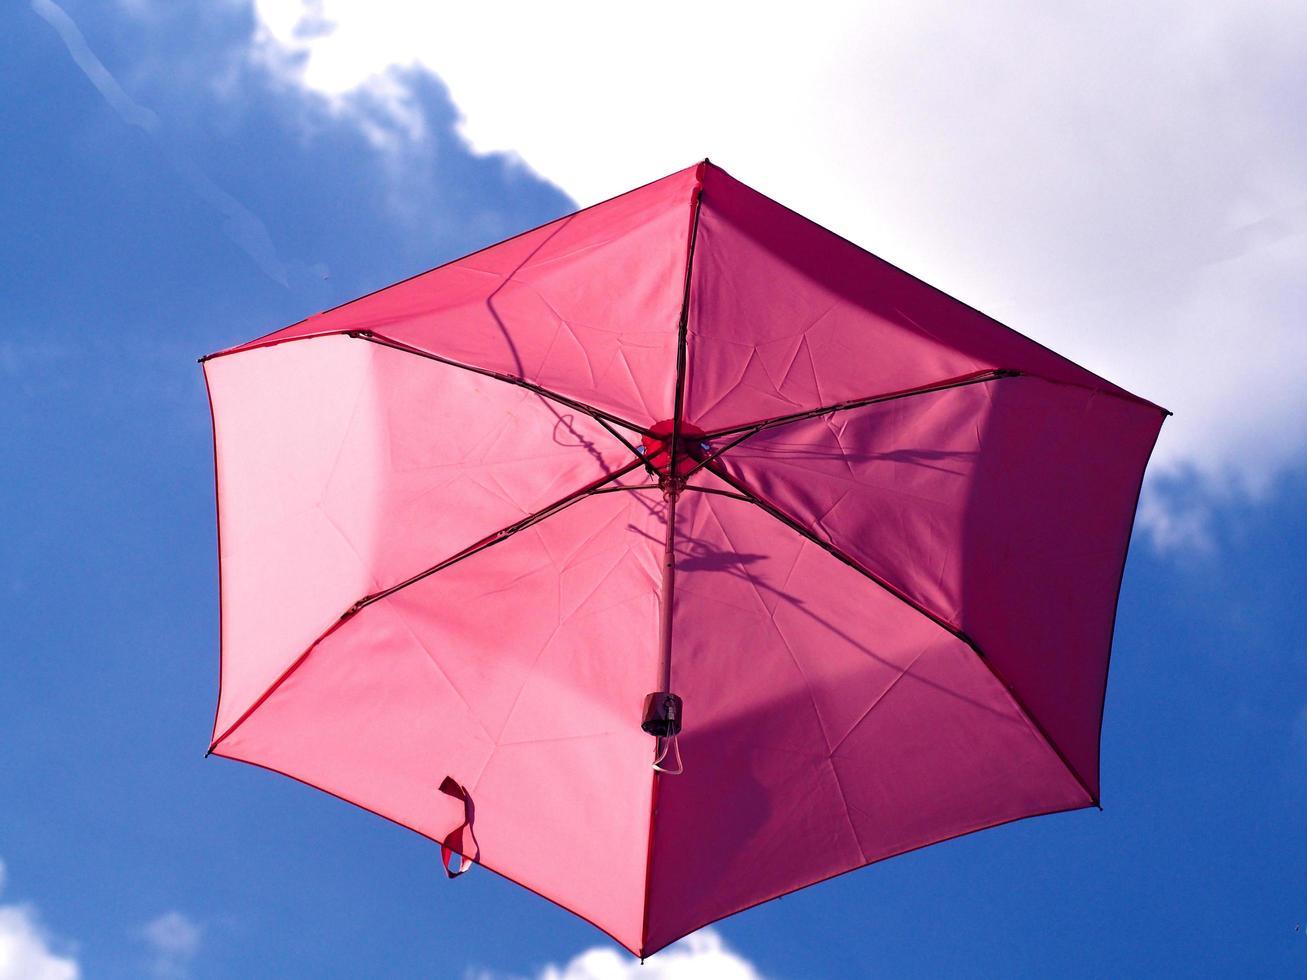 rosa paraply på himlen foto